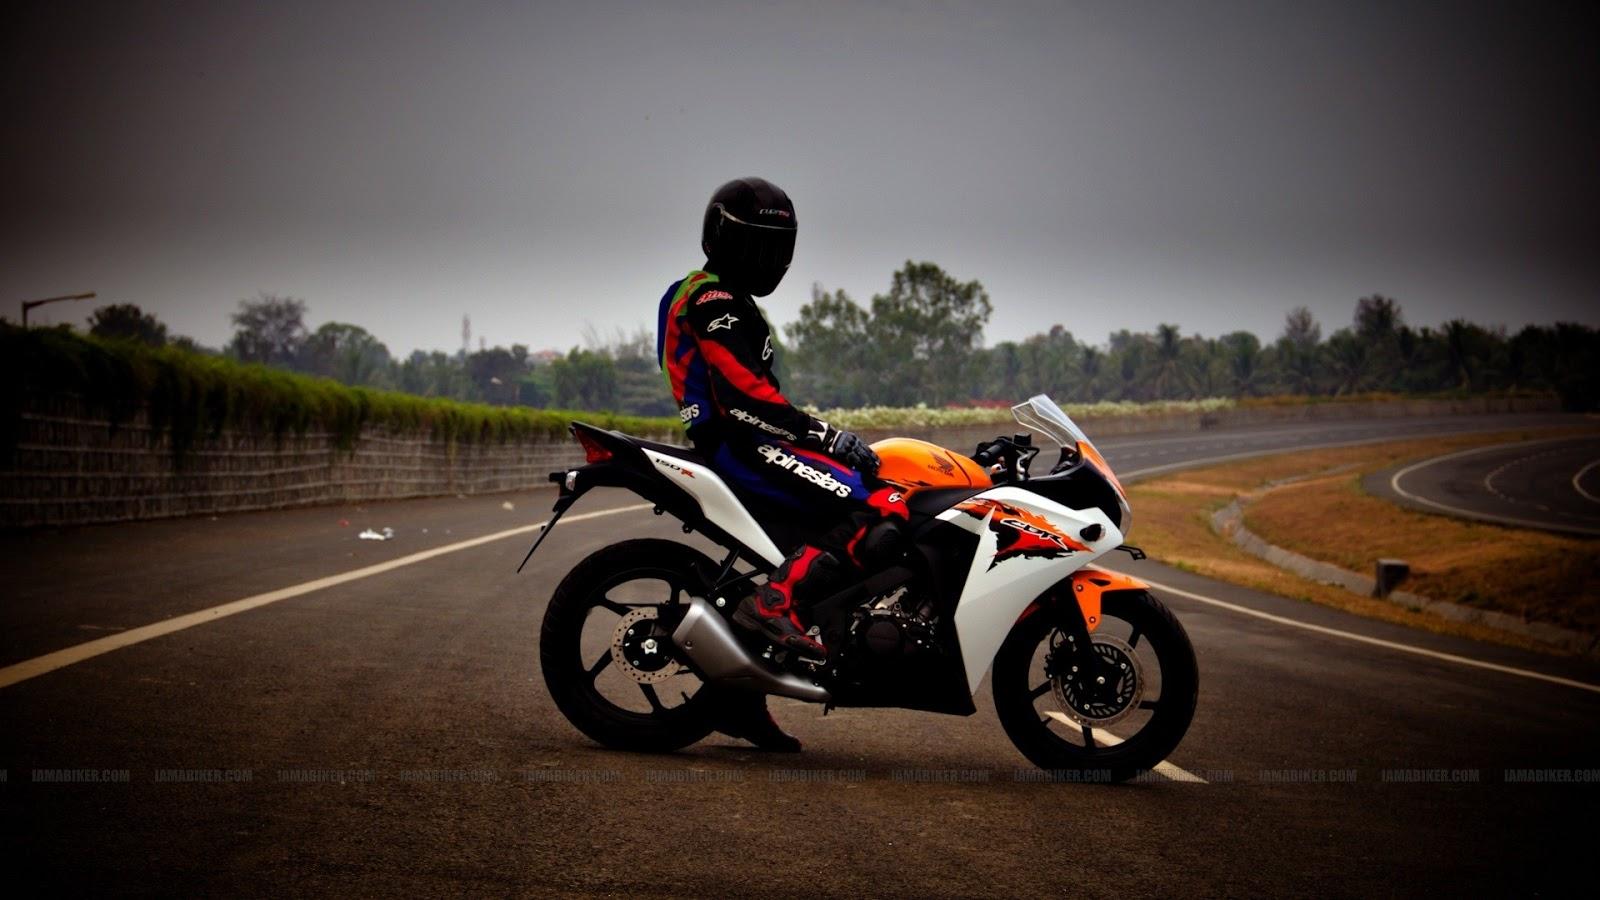 Honda Bike Motorcycle Review: Honda Cbr150r Wallpapers